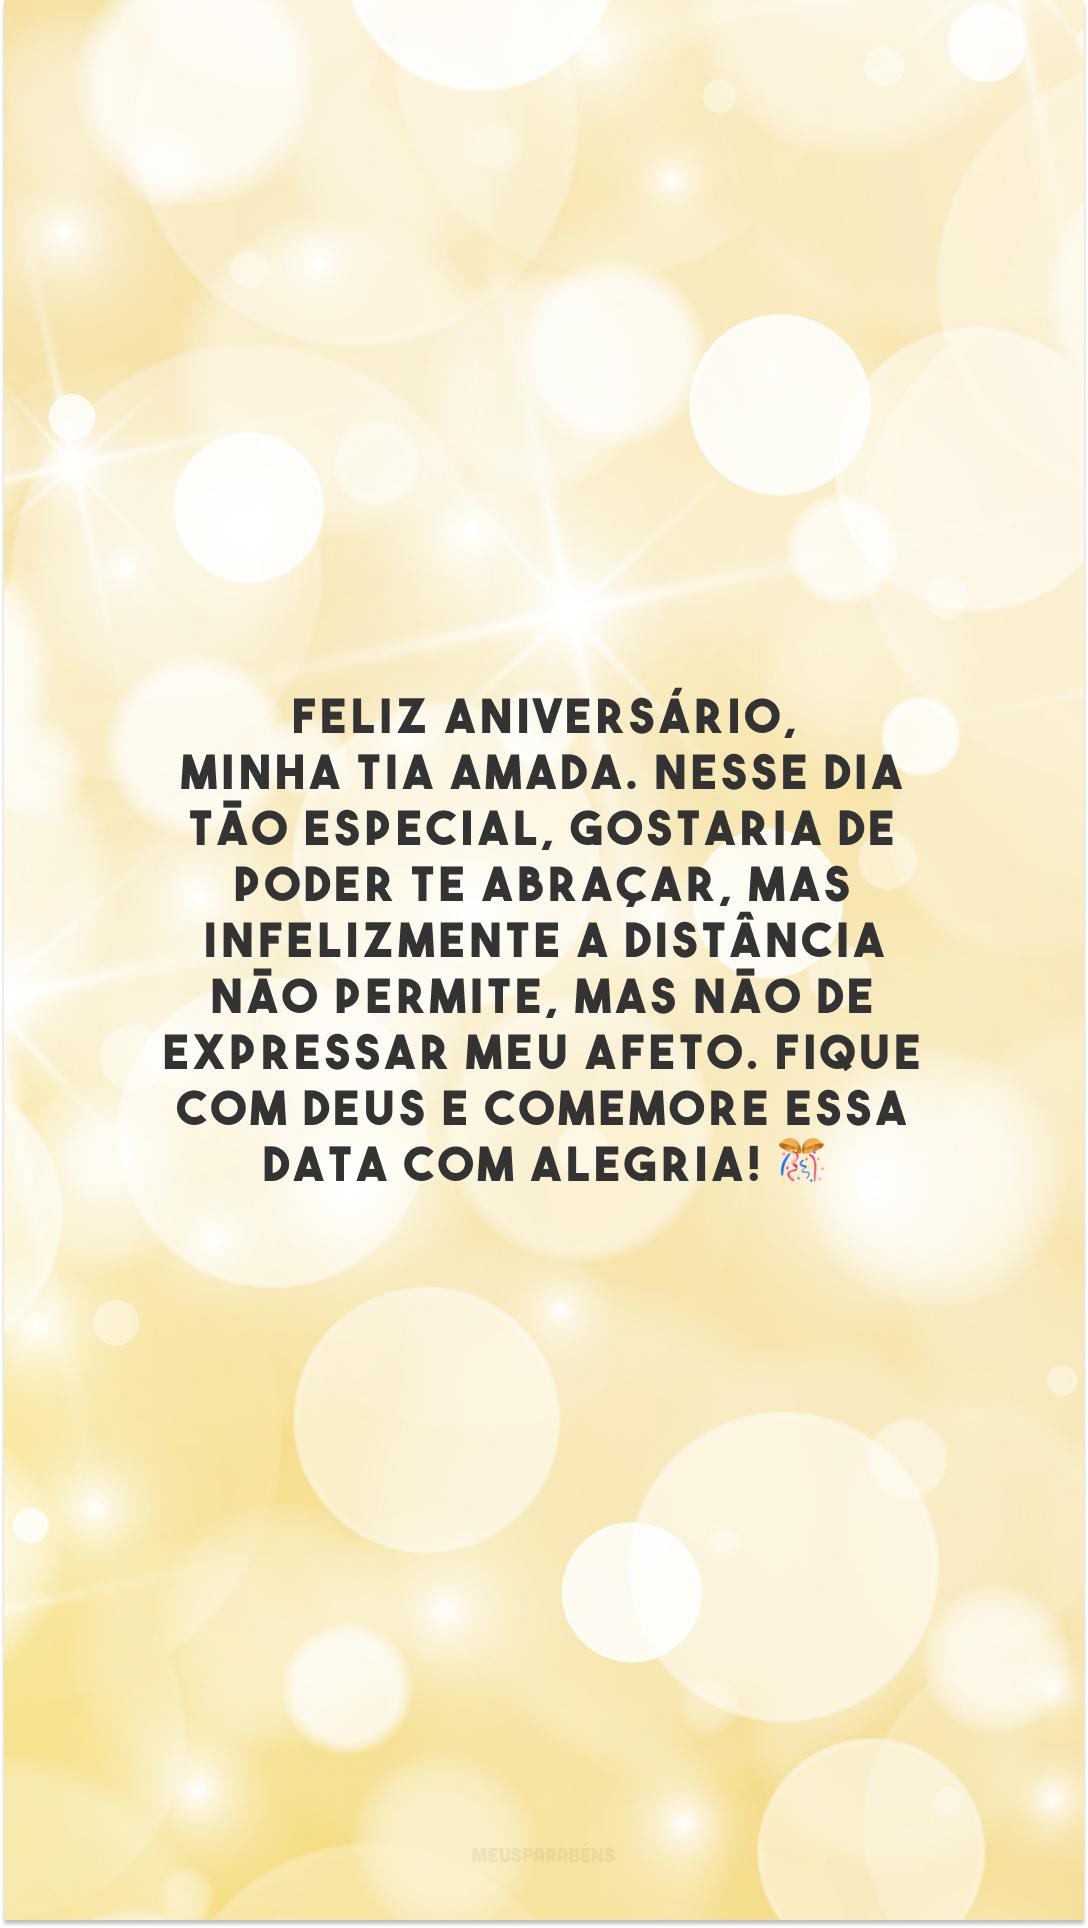 Feliz aniversário, minha tia amada. Nesse dia tão especial, gostaria de poder te abraçar, mas infelizmente a distância não permite, mas não de expressar meu afeto. Fique com Deus e comemore essa data com alegria! 🎊